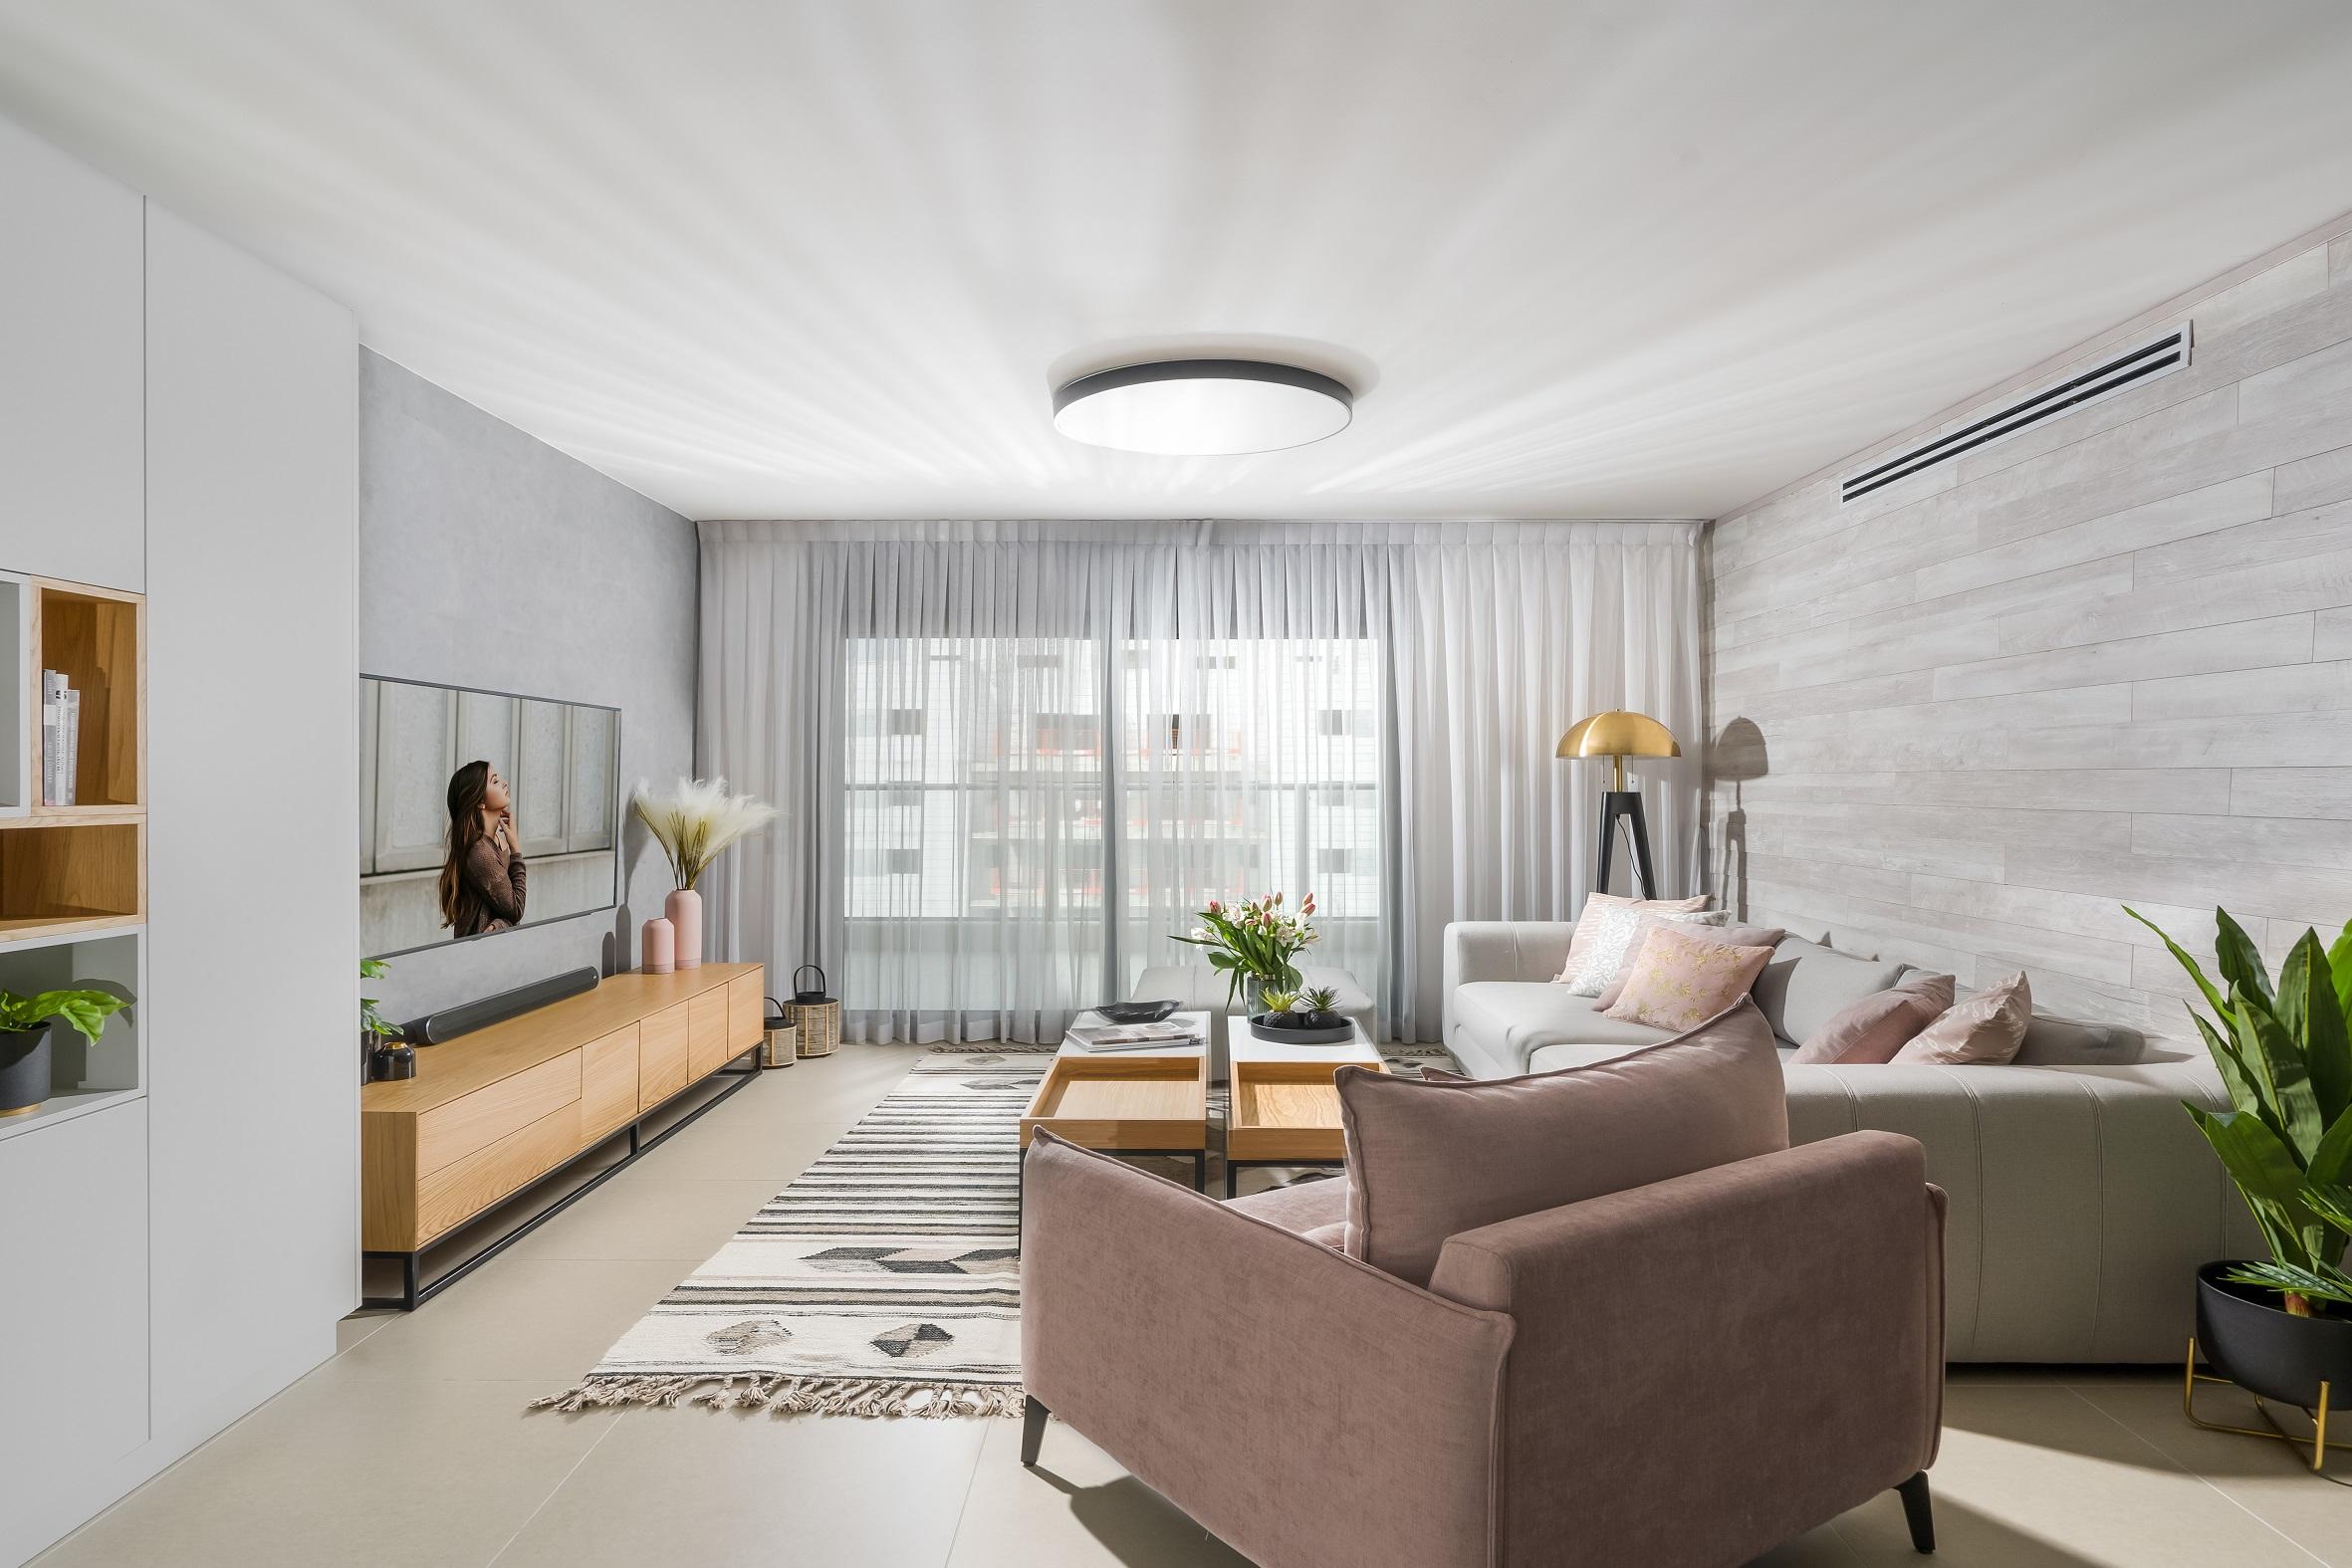 עיצוב הילה אלטר, תאורה- מחסני תאורה, צילום מאור מויאל